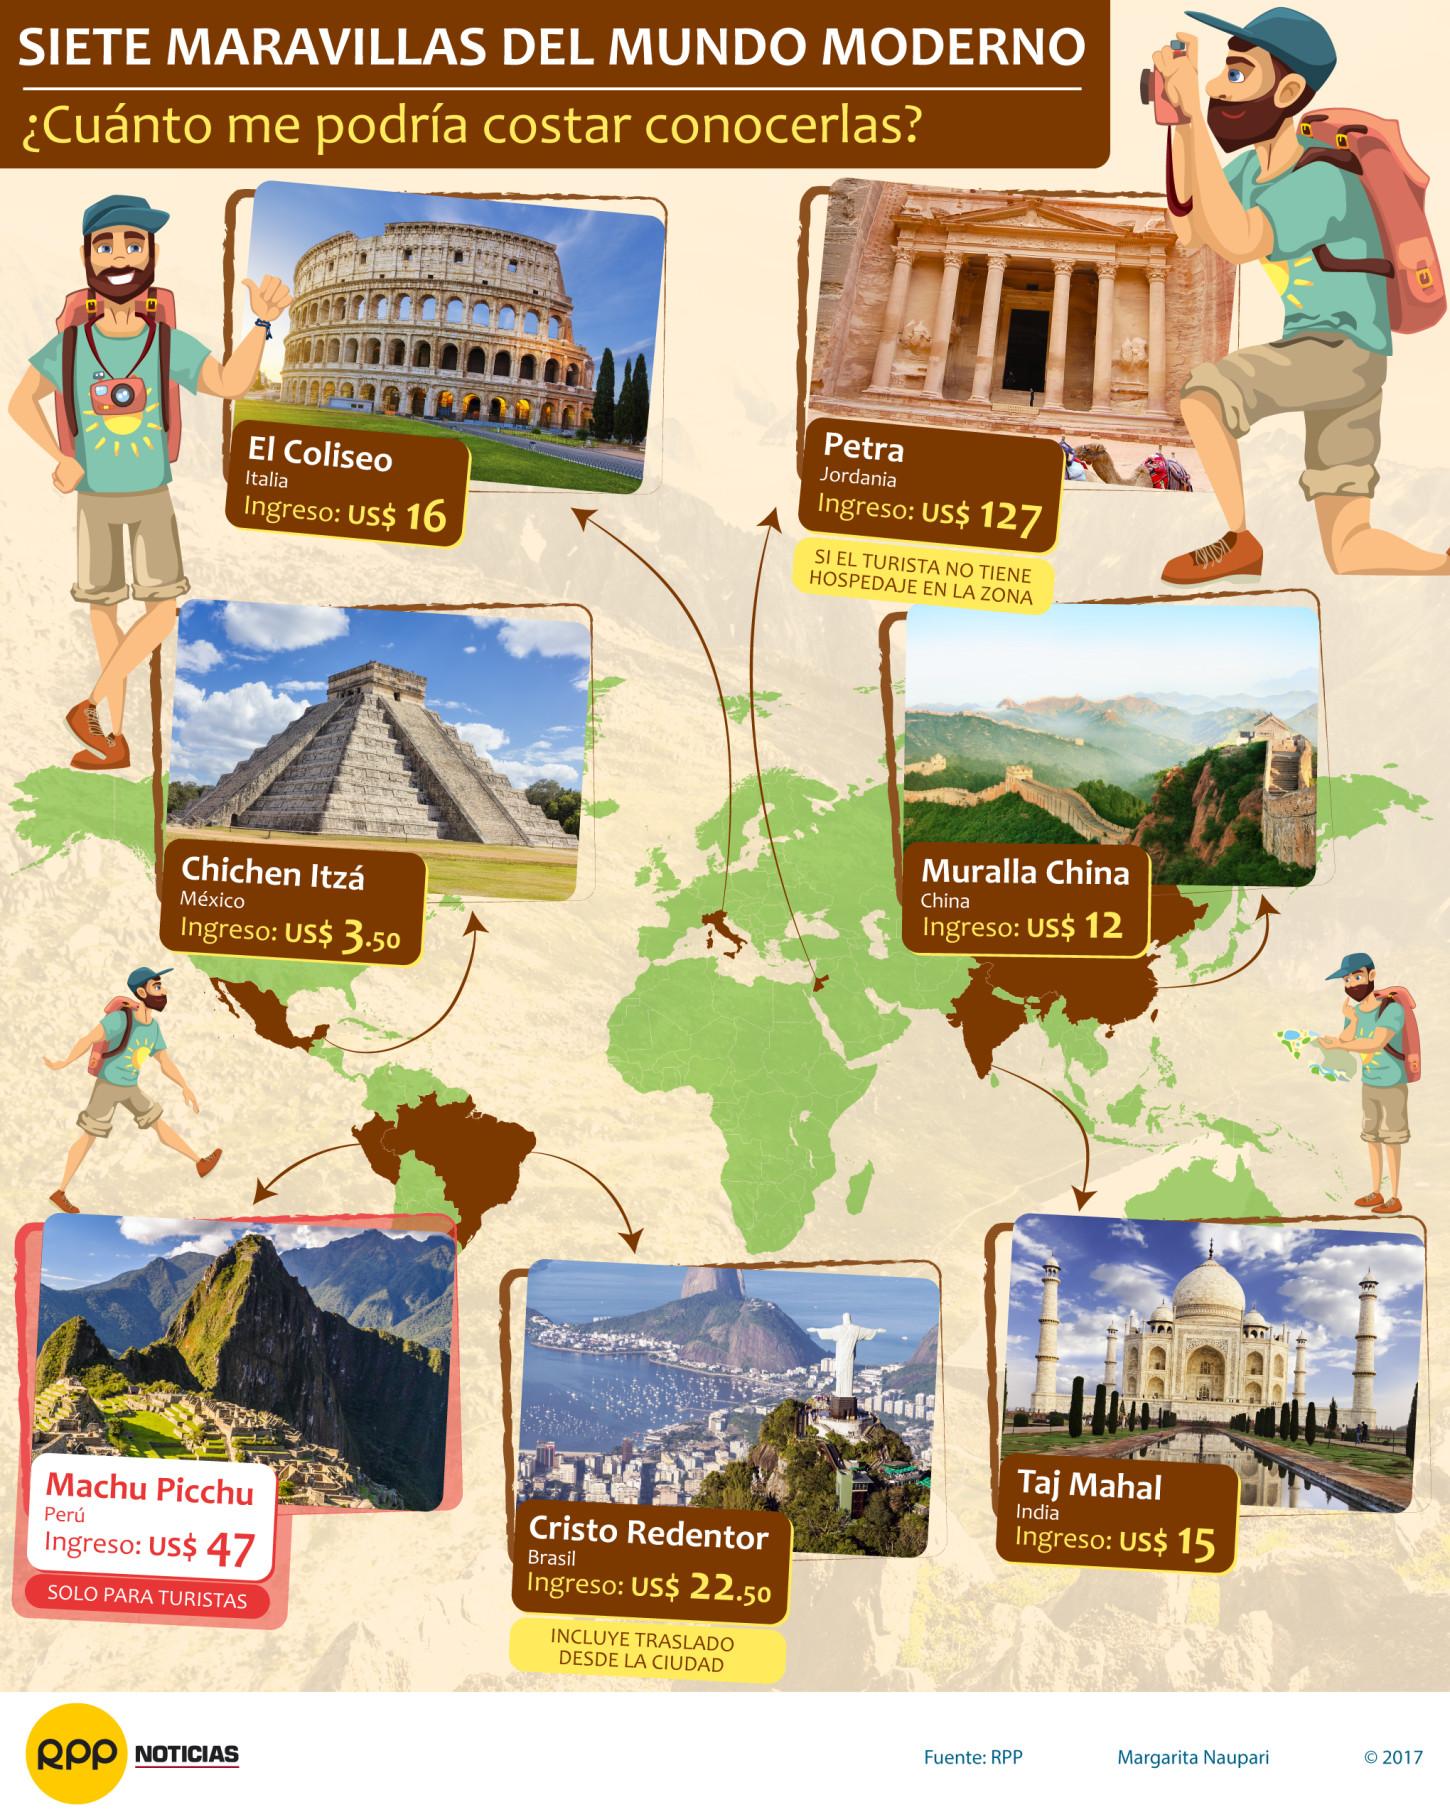 Machu Picchu: ¿Cuán caro es visitar las siete maravillas modernas?